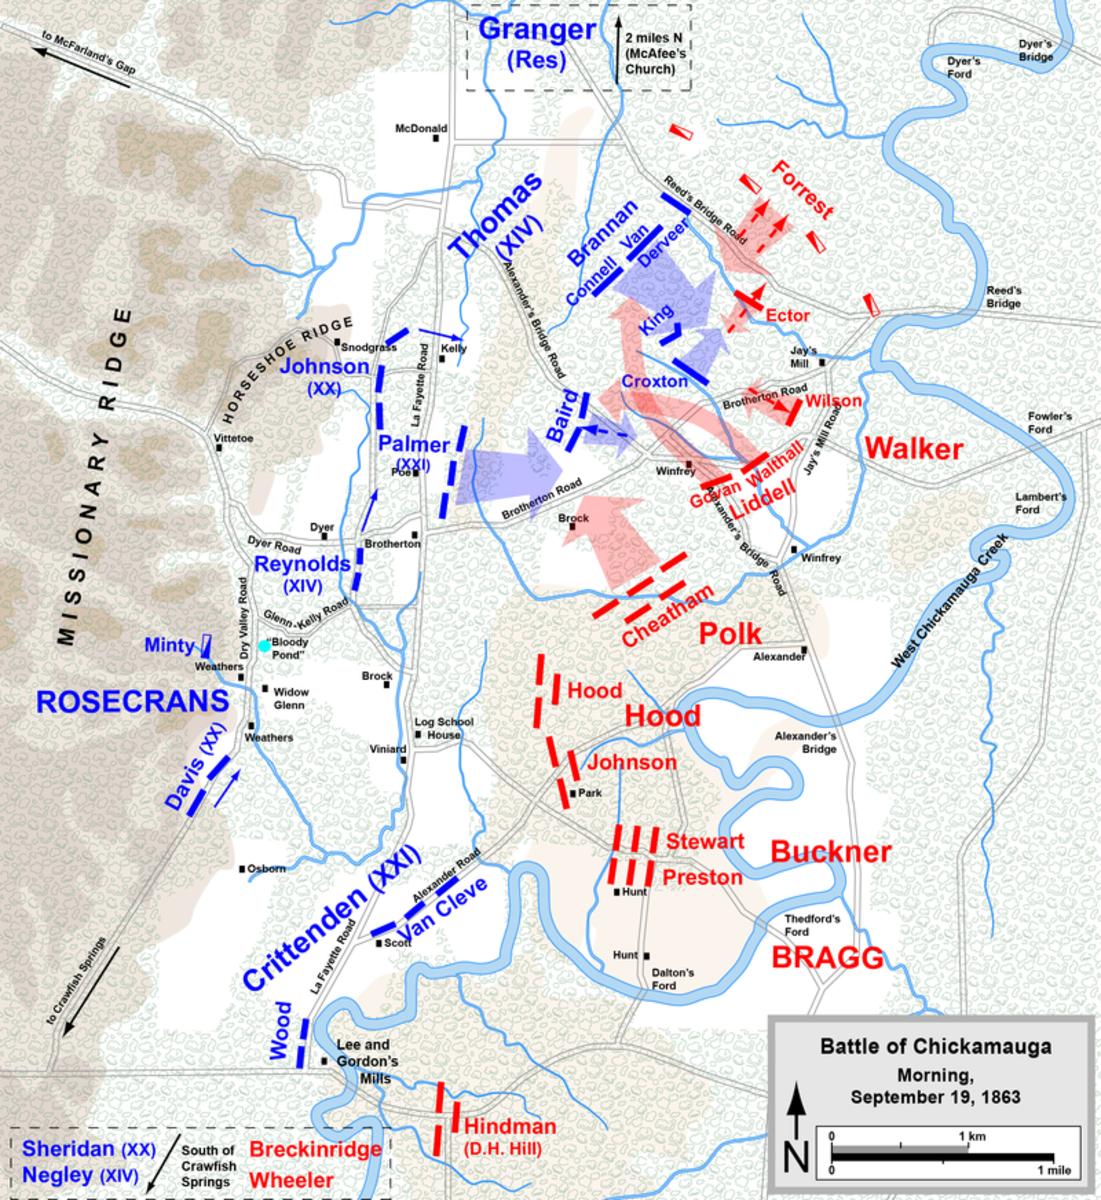 Morning of September 19th, 1863